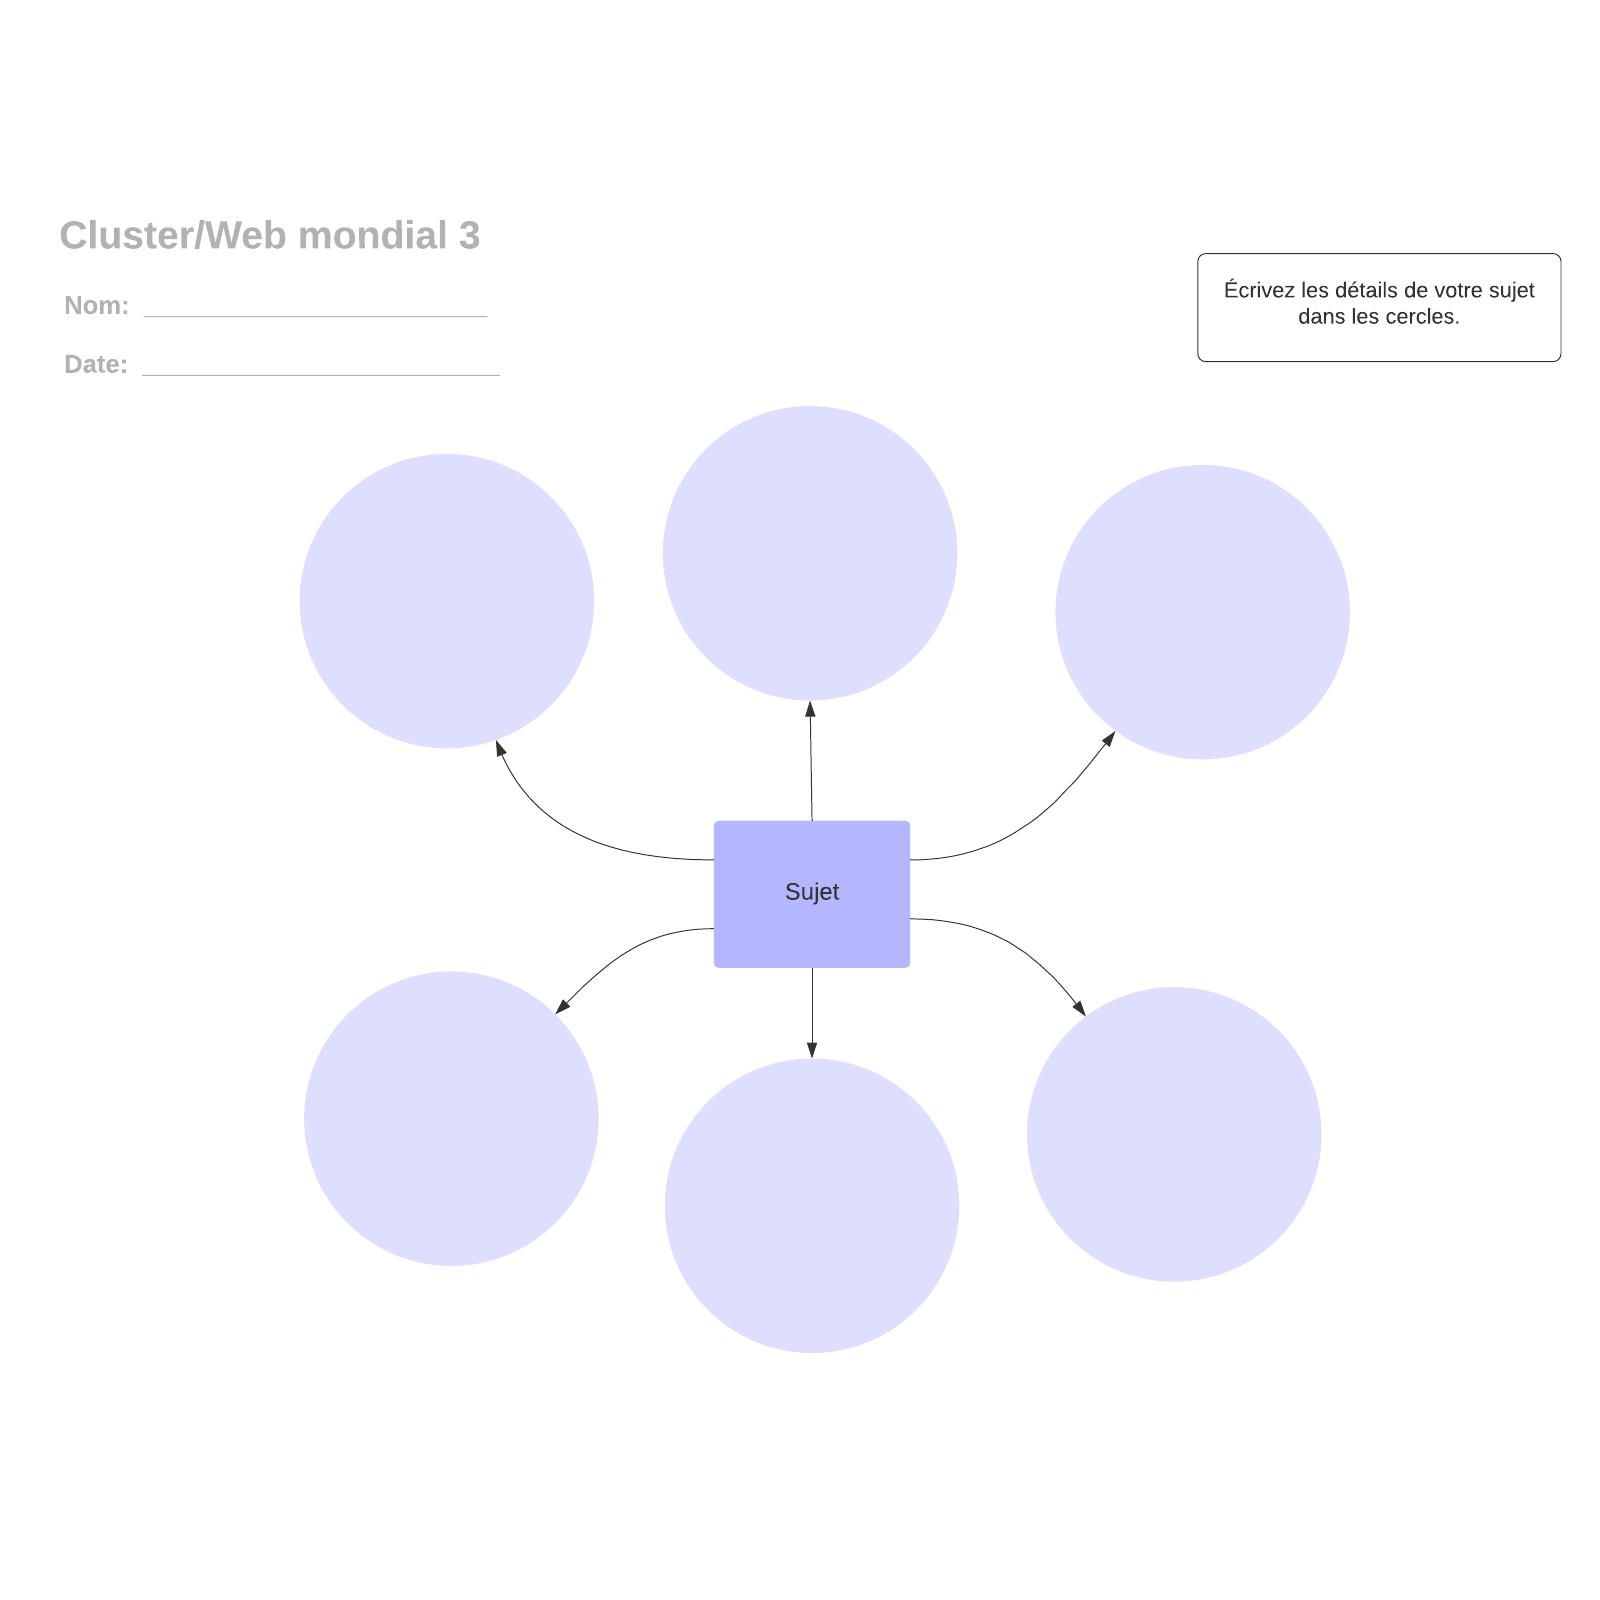 exemple de diagramme de cluster